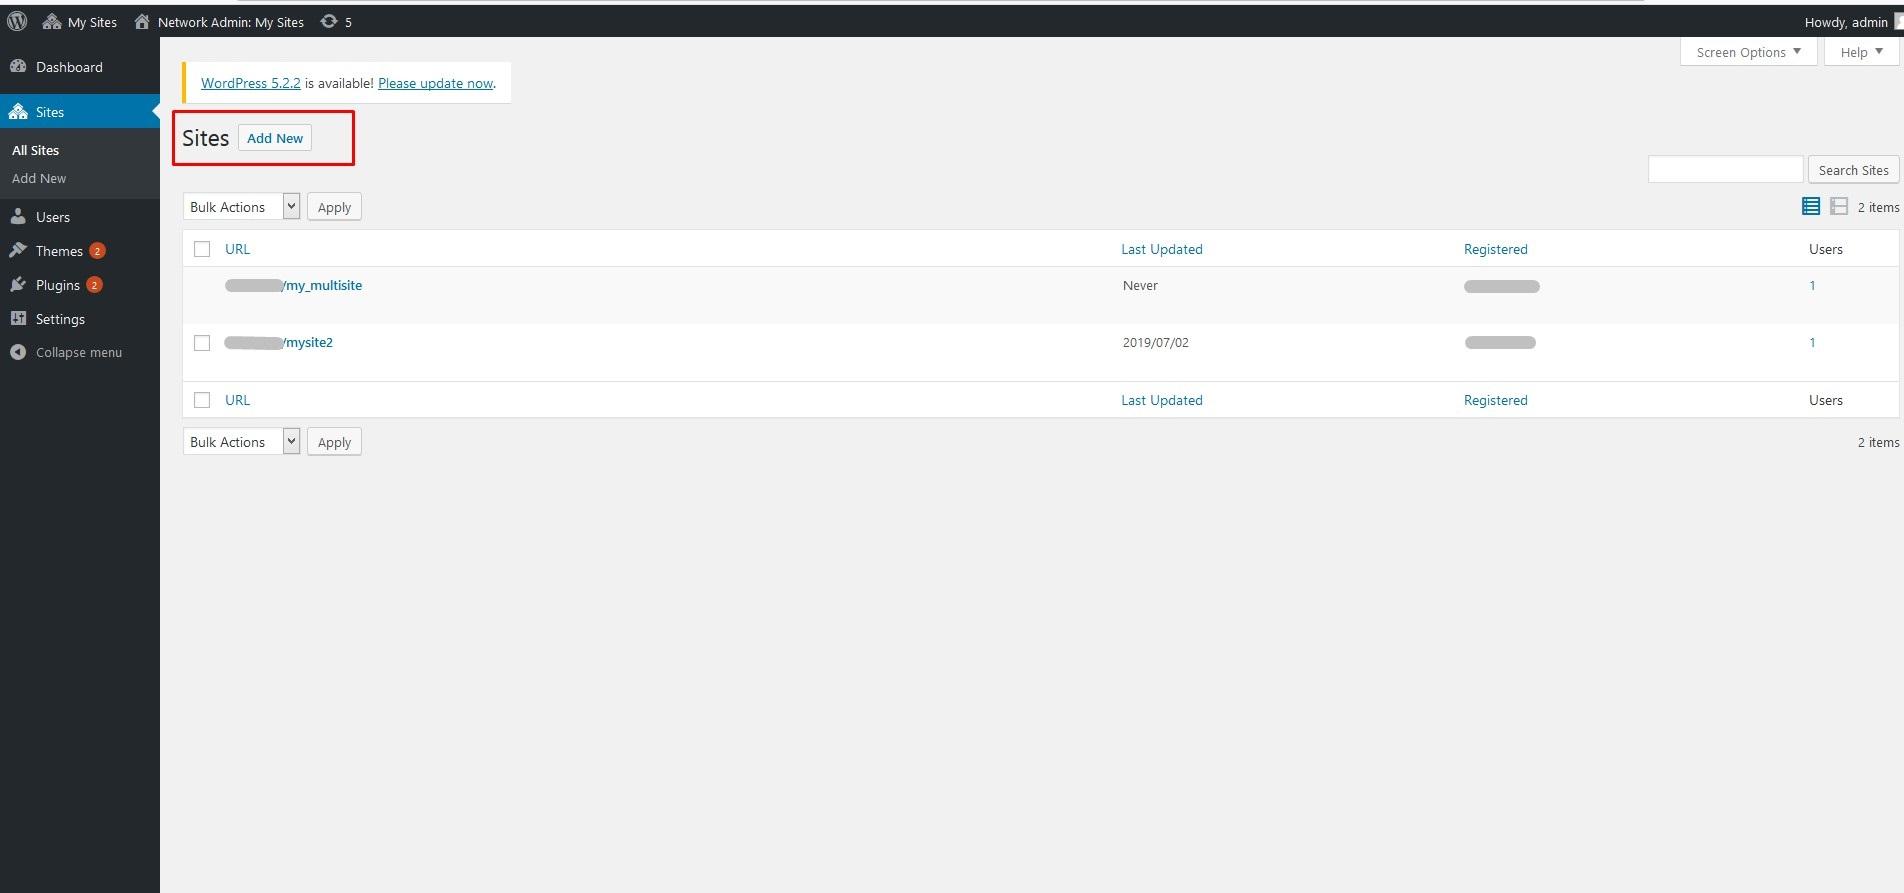 گزینه افزودن سایت جدید در شبکه وردپرس